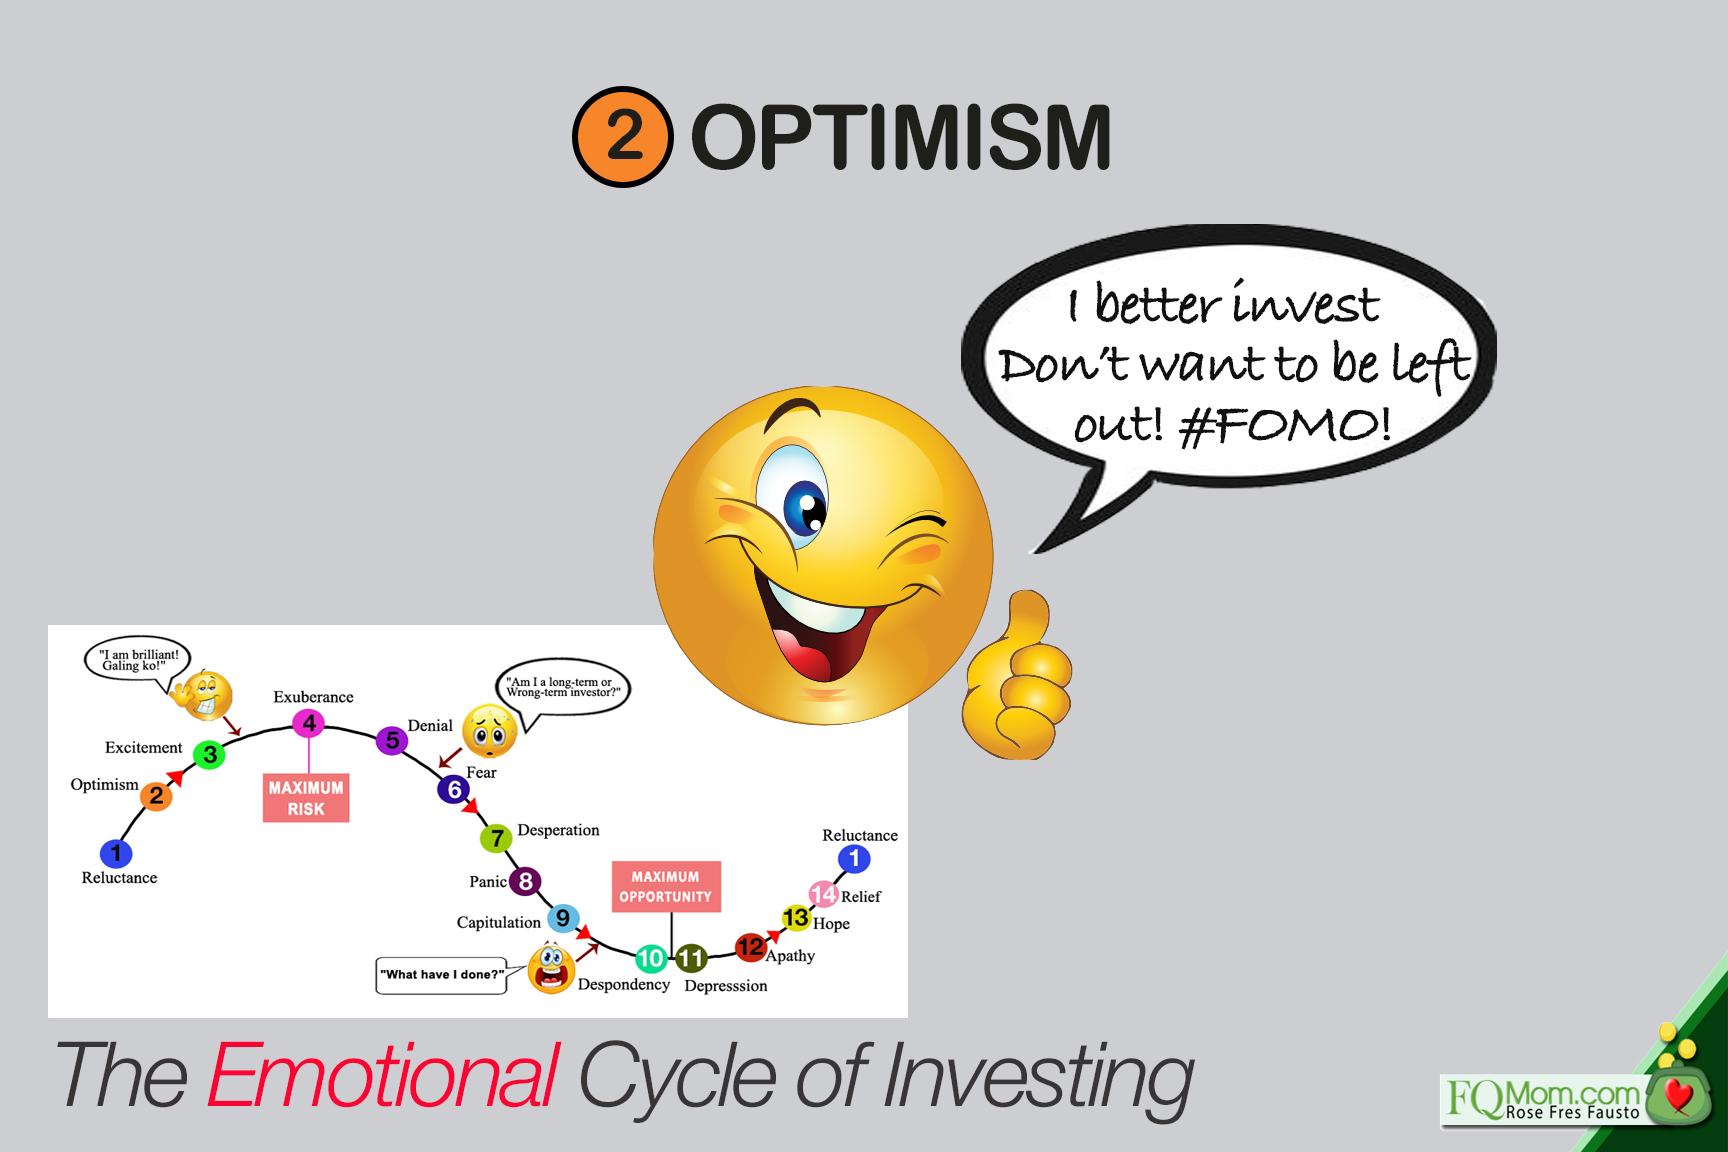 2-optimism